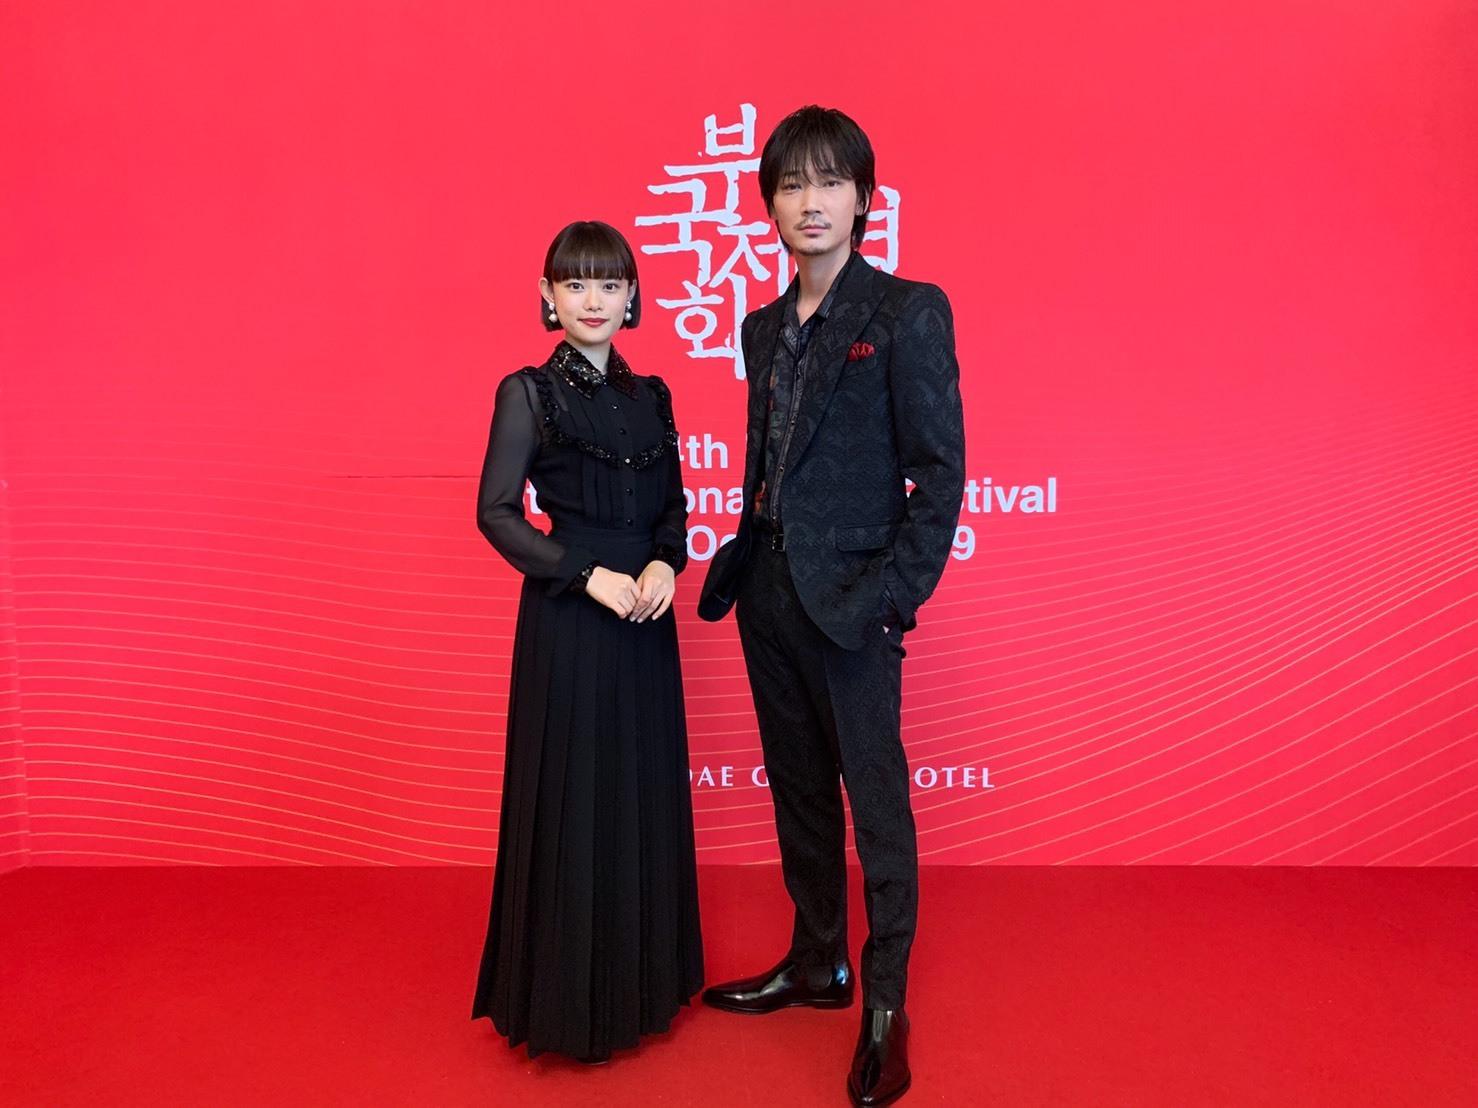 左から、杉咲花、綾野剛 第24回釜山国際映画祭レッドカーペットにて